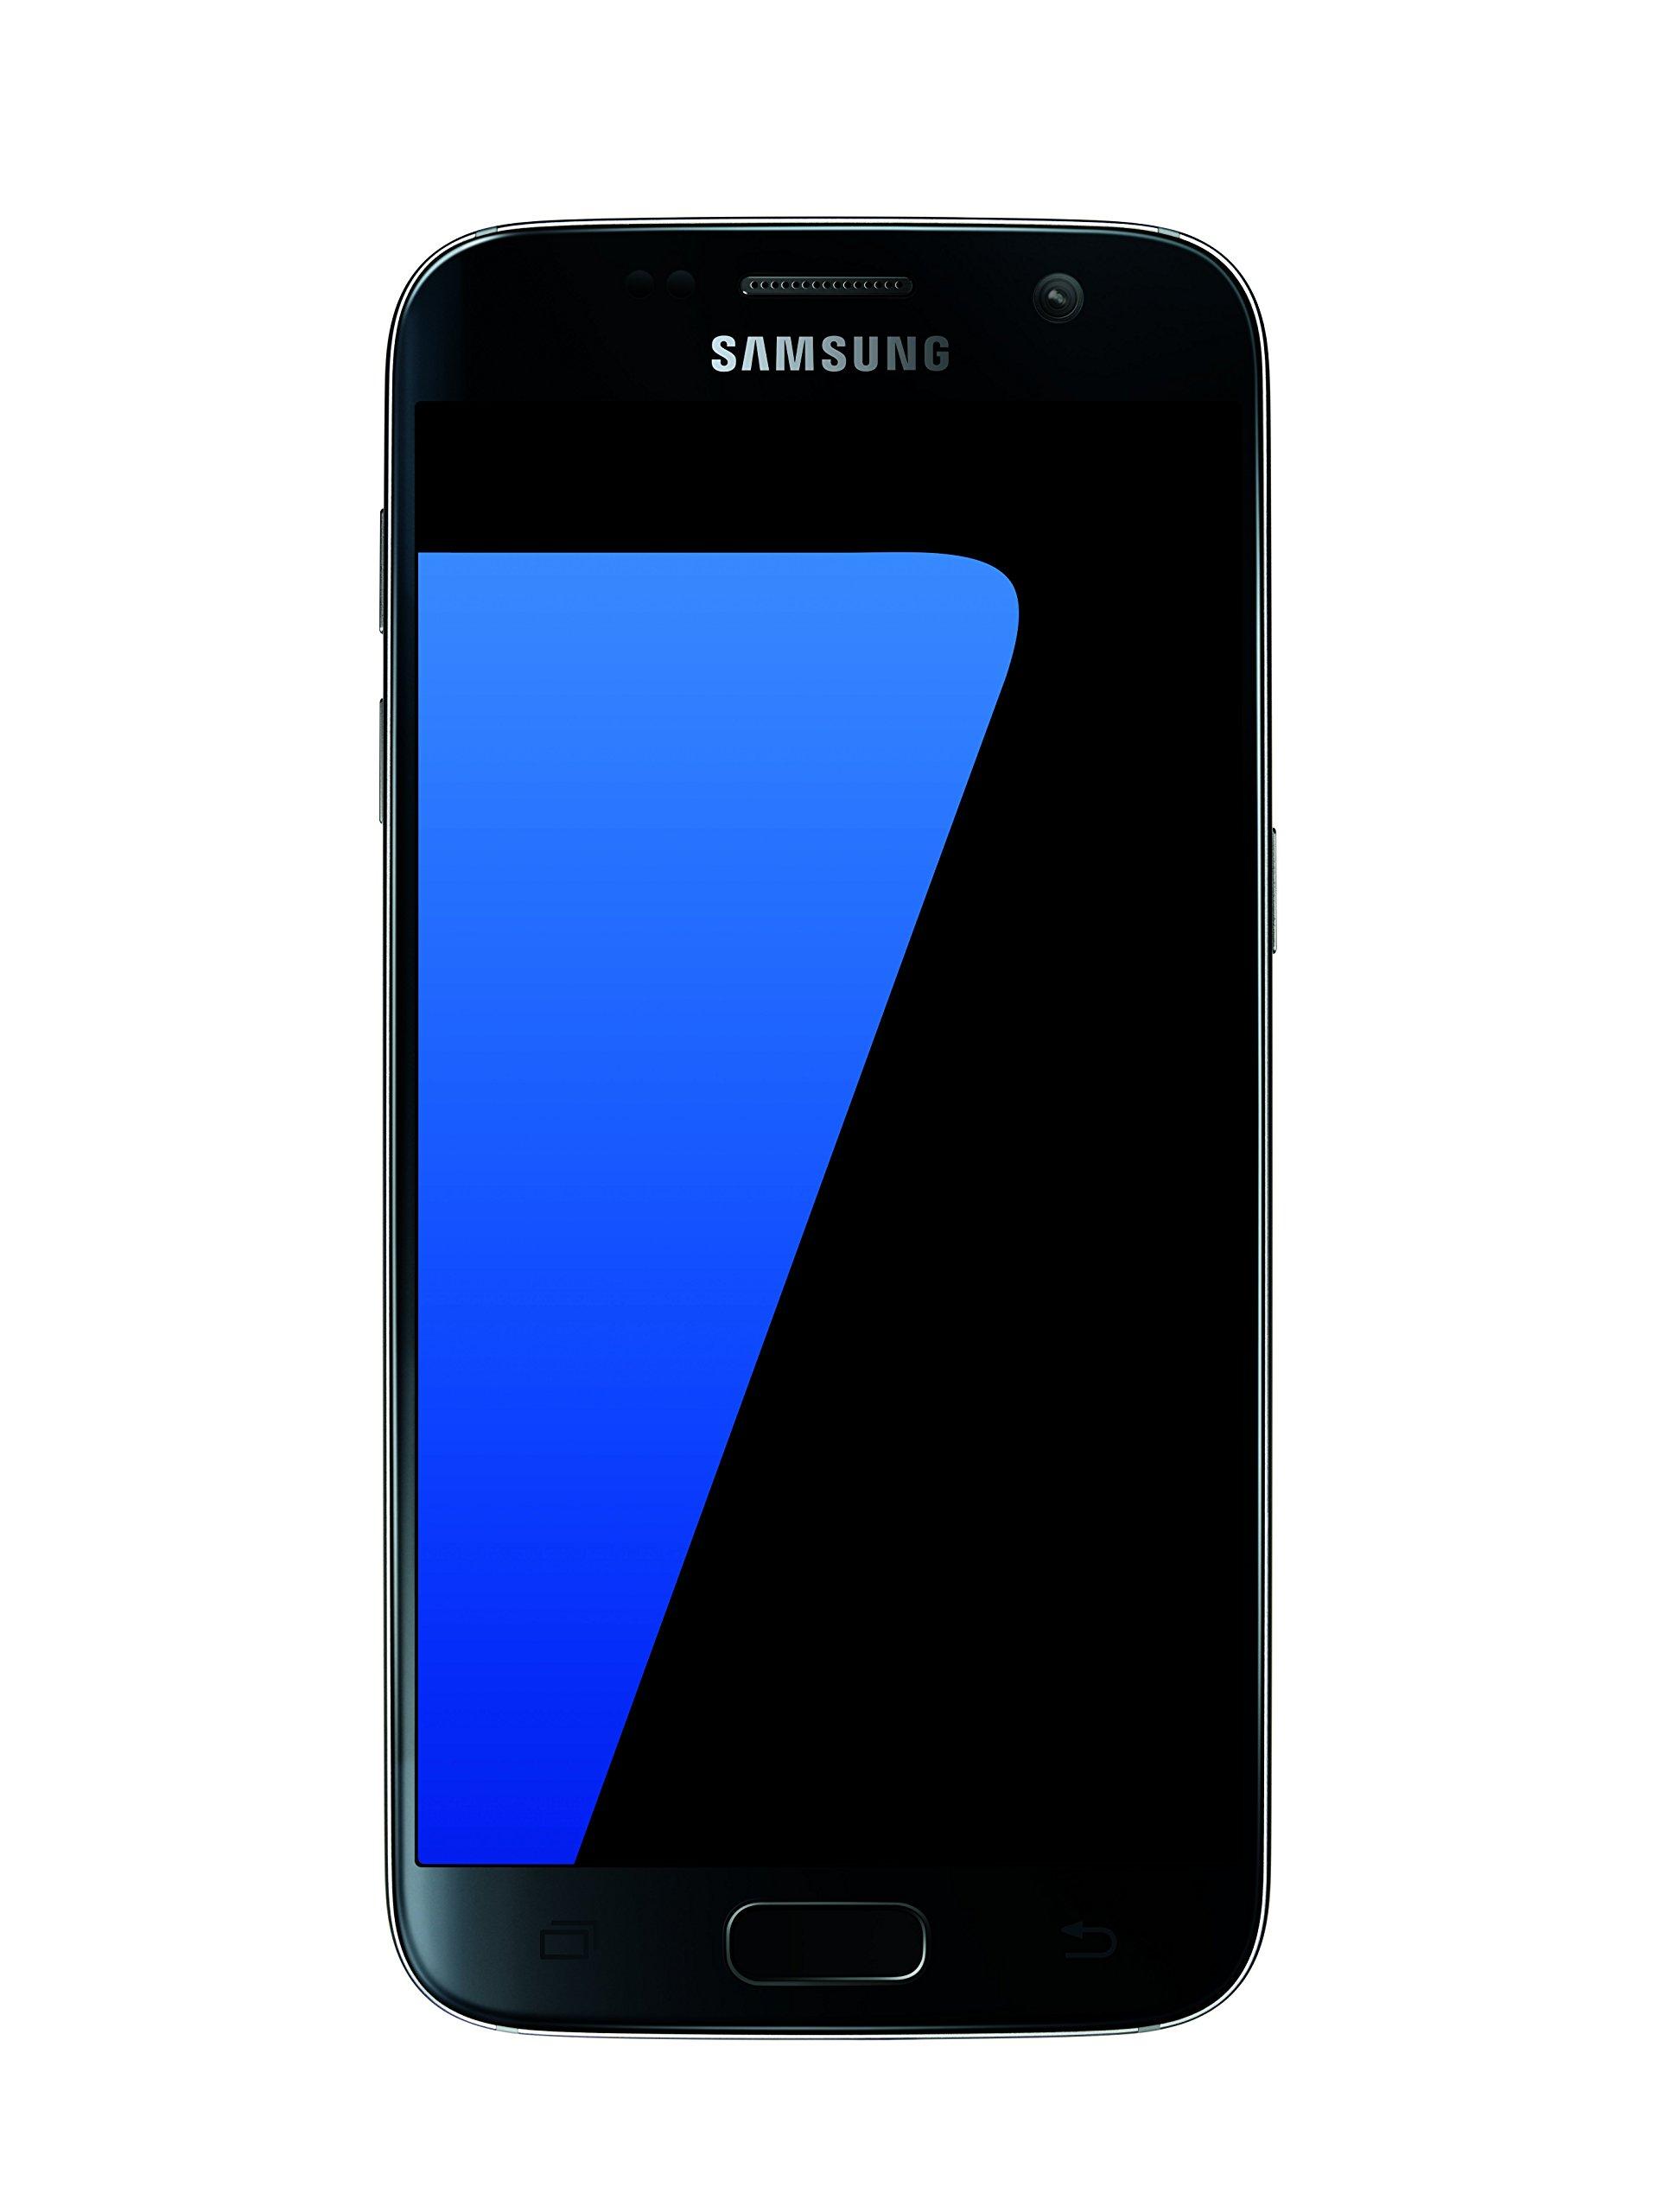 Samsung Galaxy S7, Black 32GB (Verizon Wireless)